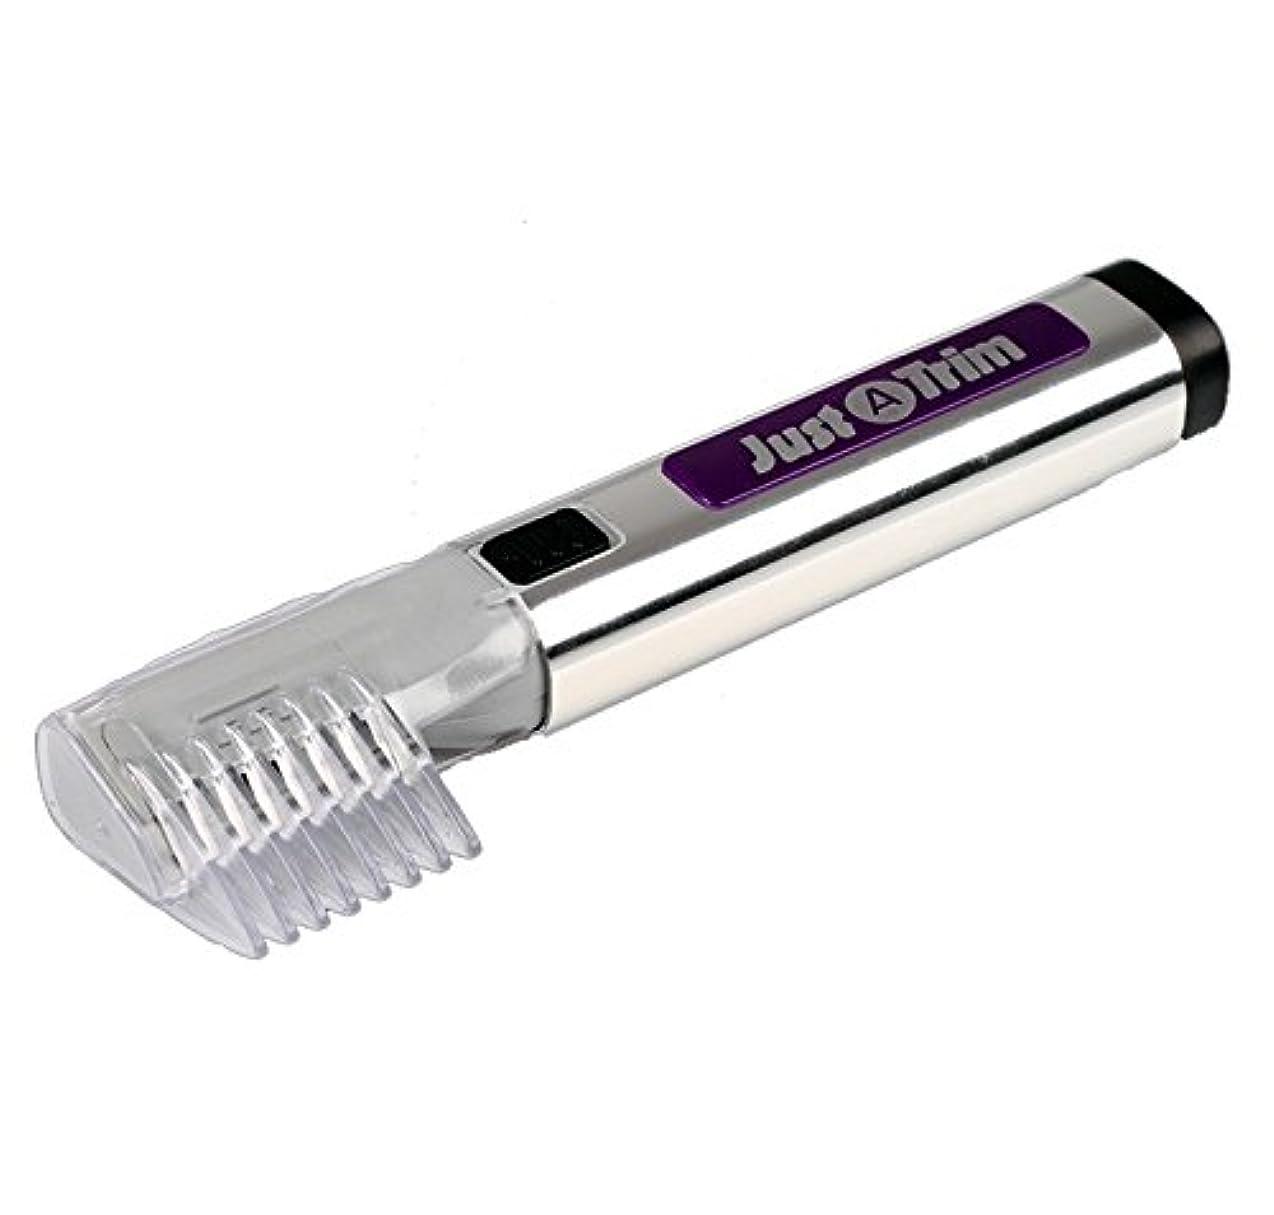 ドラマ道路を作るプロセススキーム無駄 毛 トリマー 電池 式 電動 カミソリ 眉毛 ヒゲ 整髪 SD-EH-113